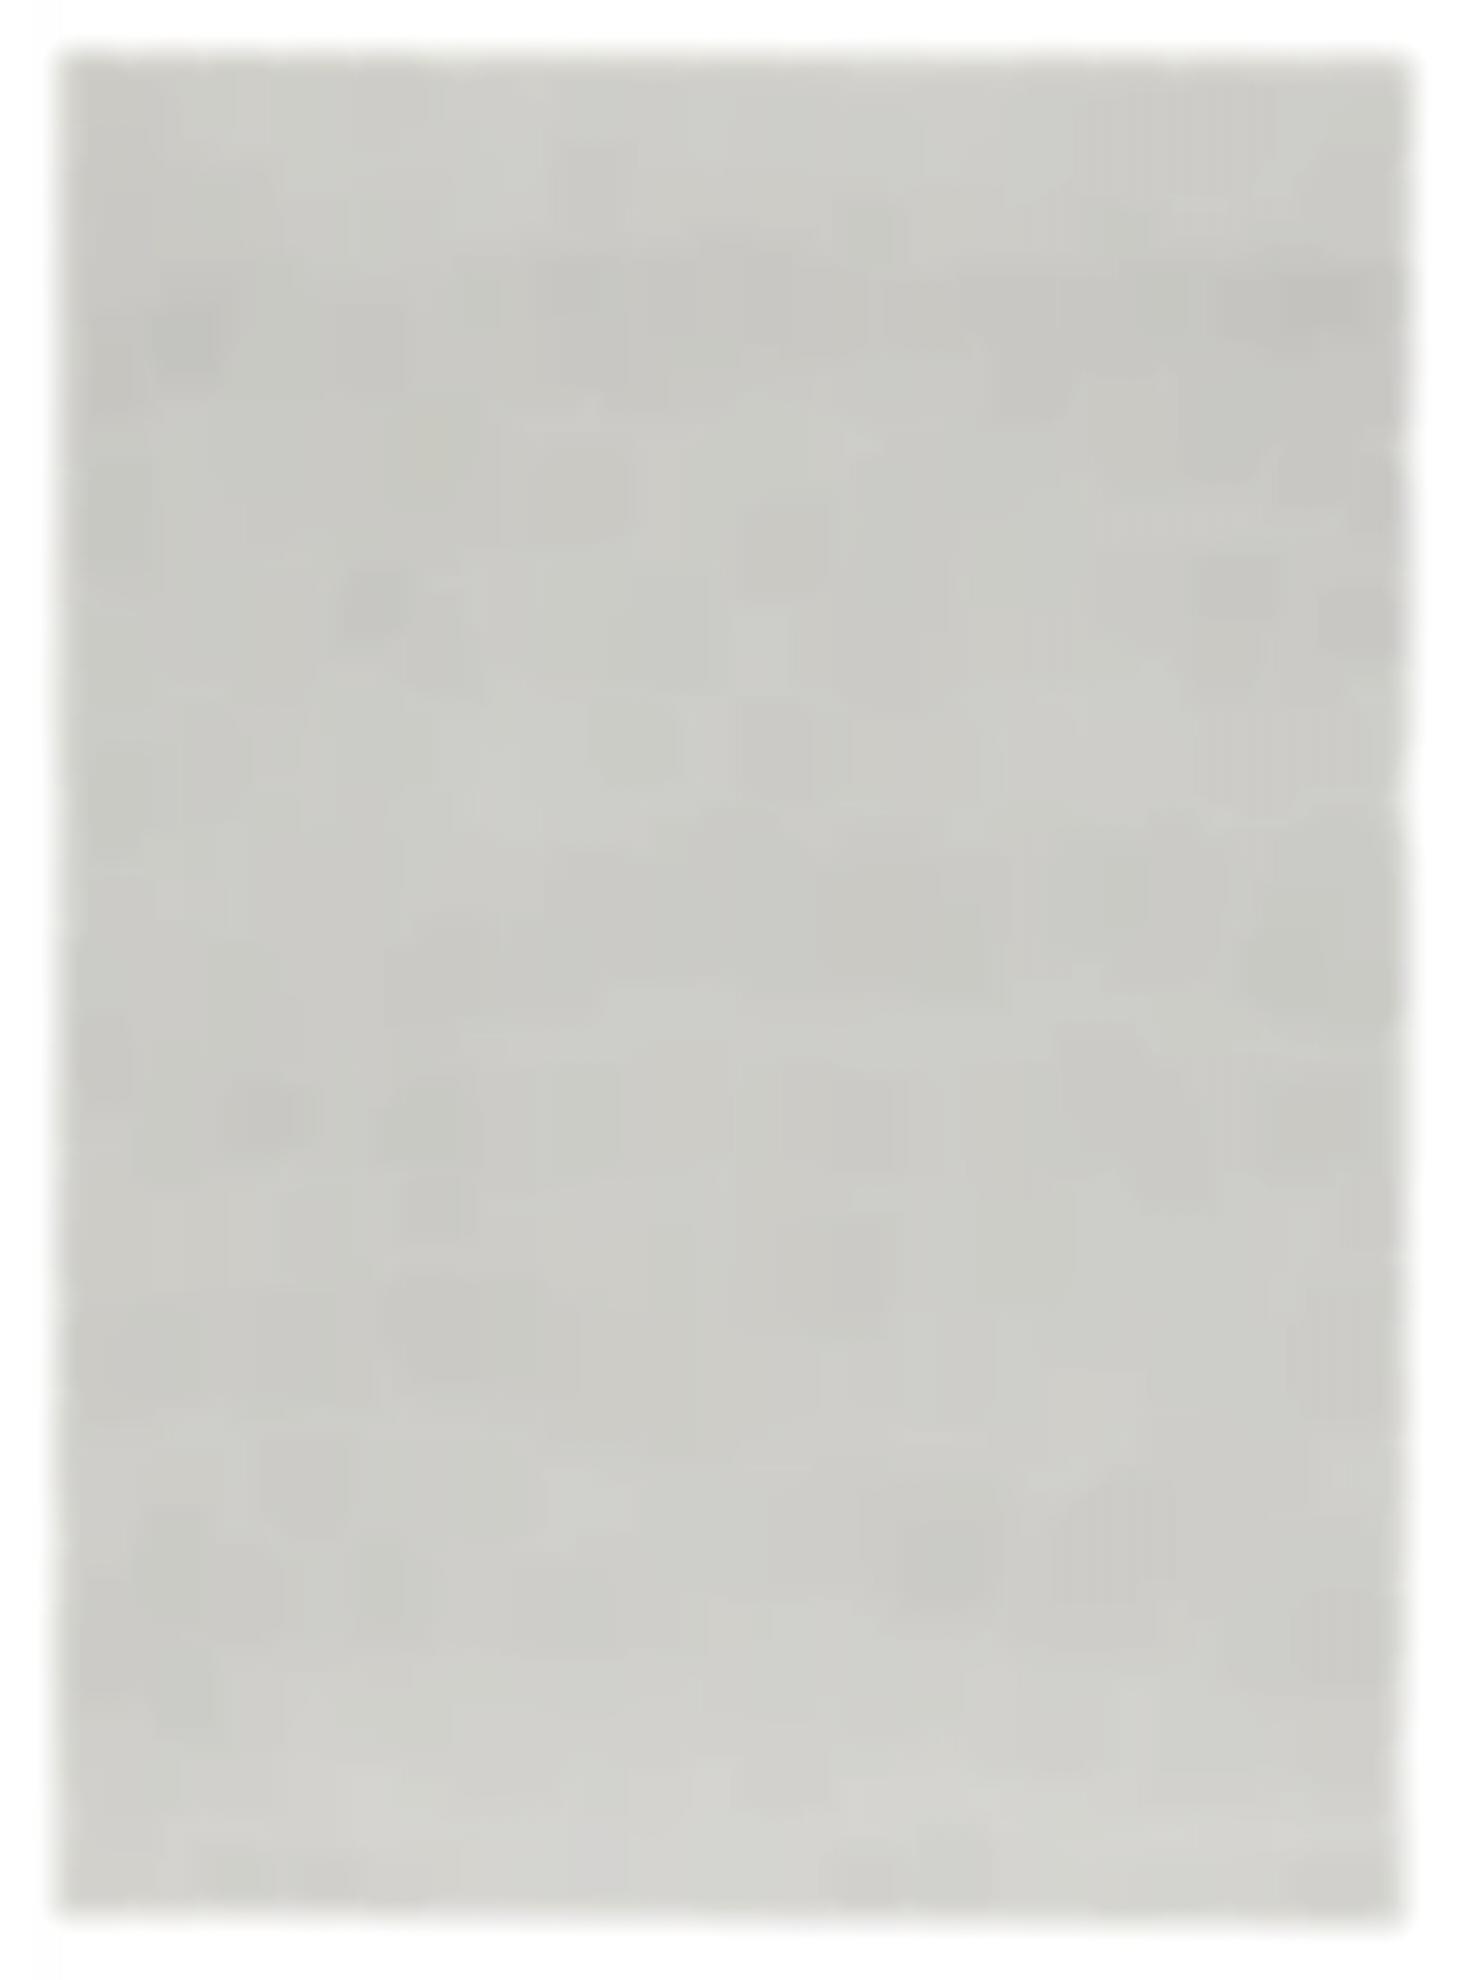 Roman Opalka-Opalka 1965/1 - ∞ Detail 2345774 - 2347926-1965